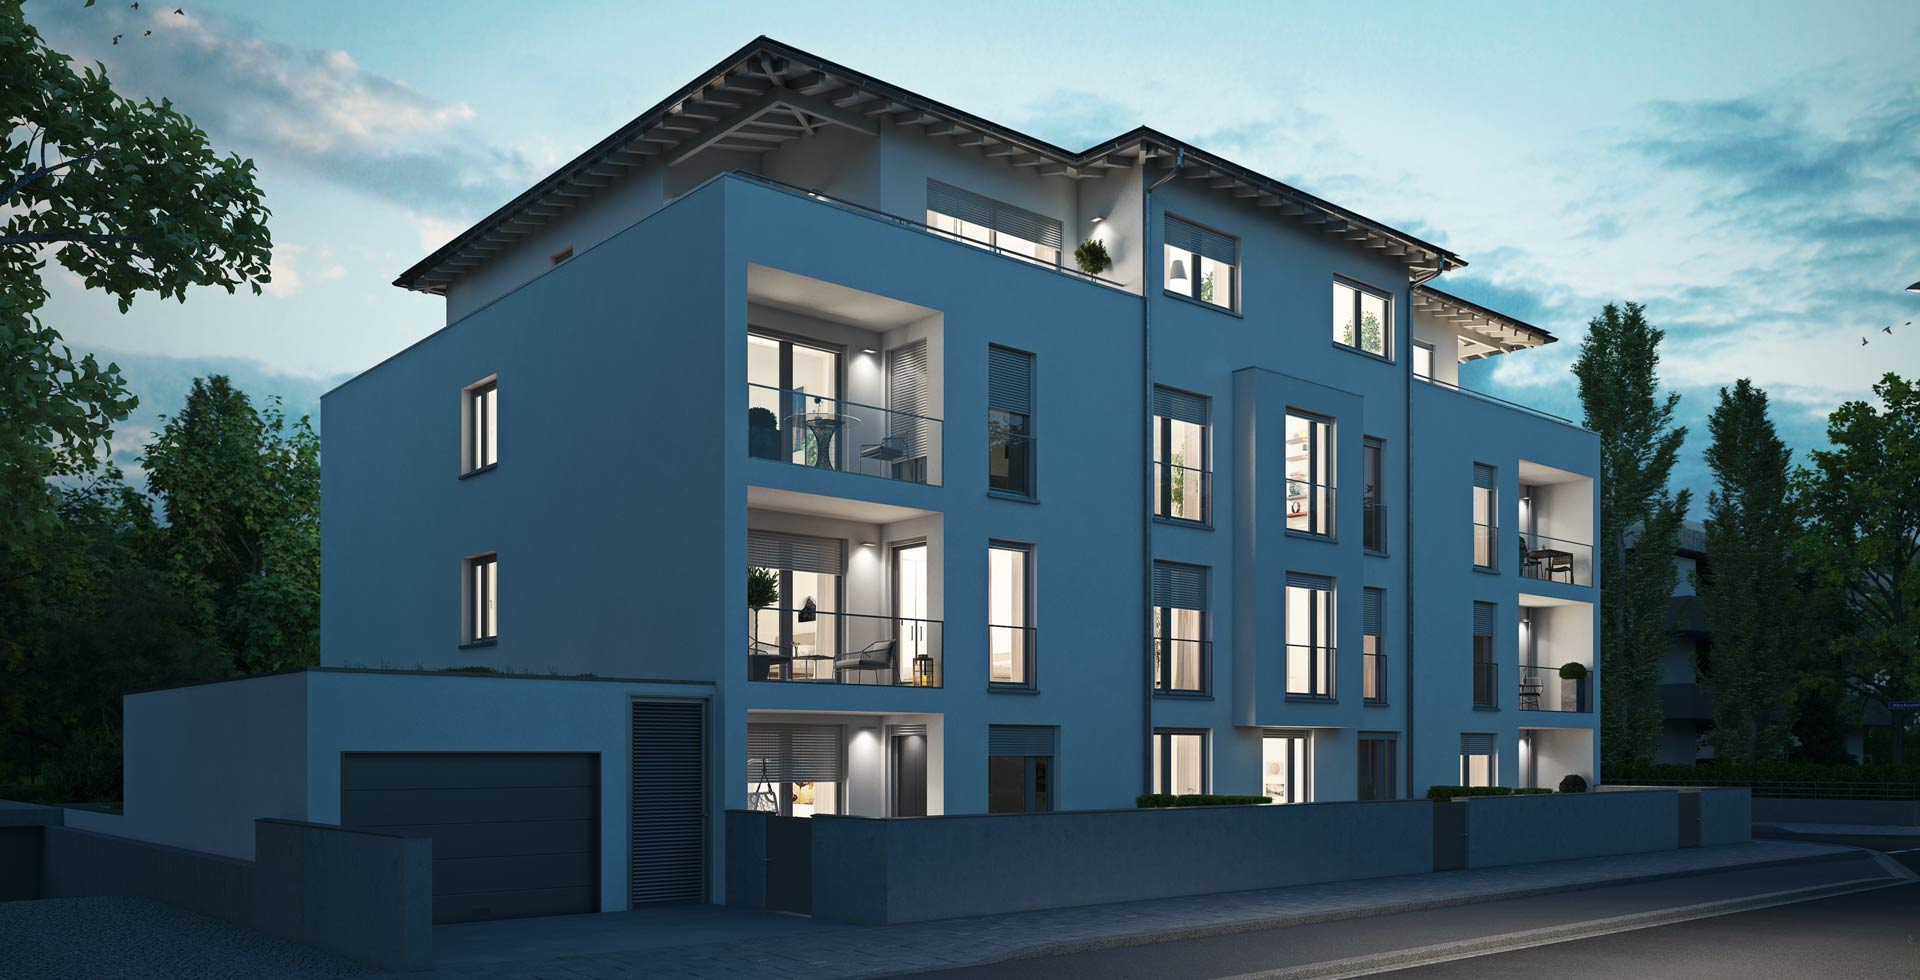 LHOMES_Neubauimmobilie_Virchowstr-München-Aussenansicht